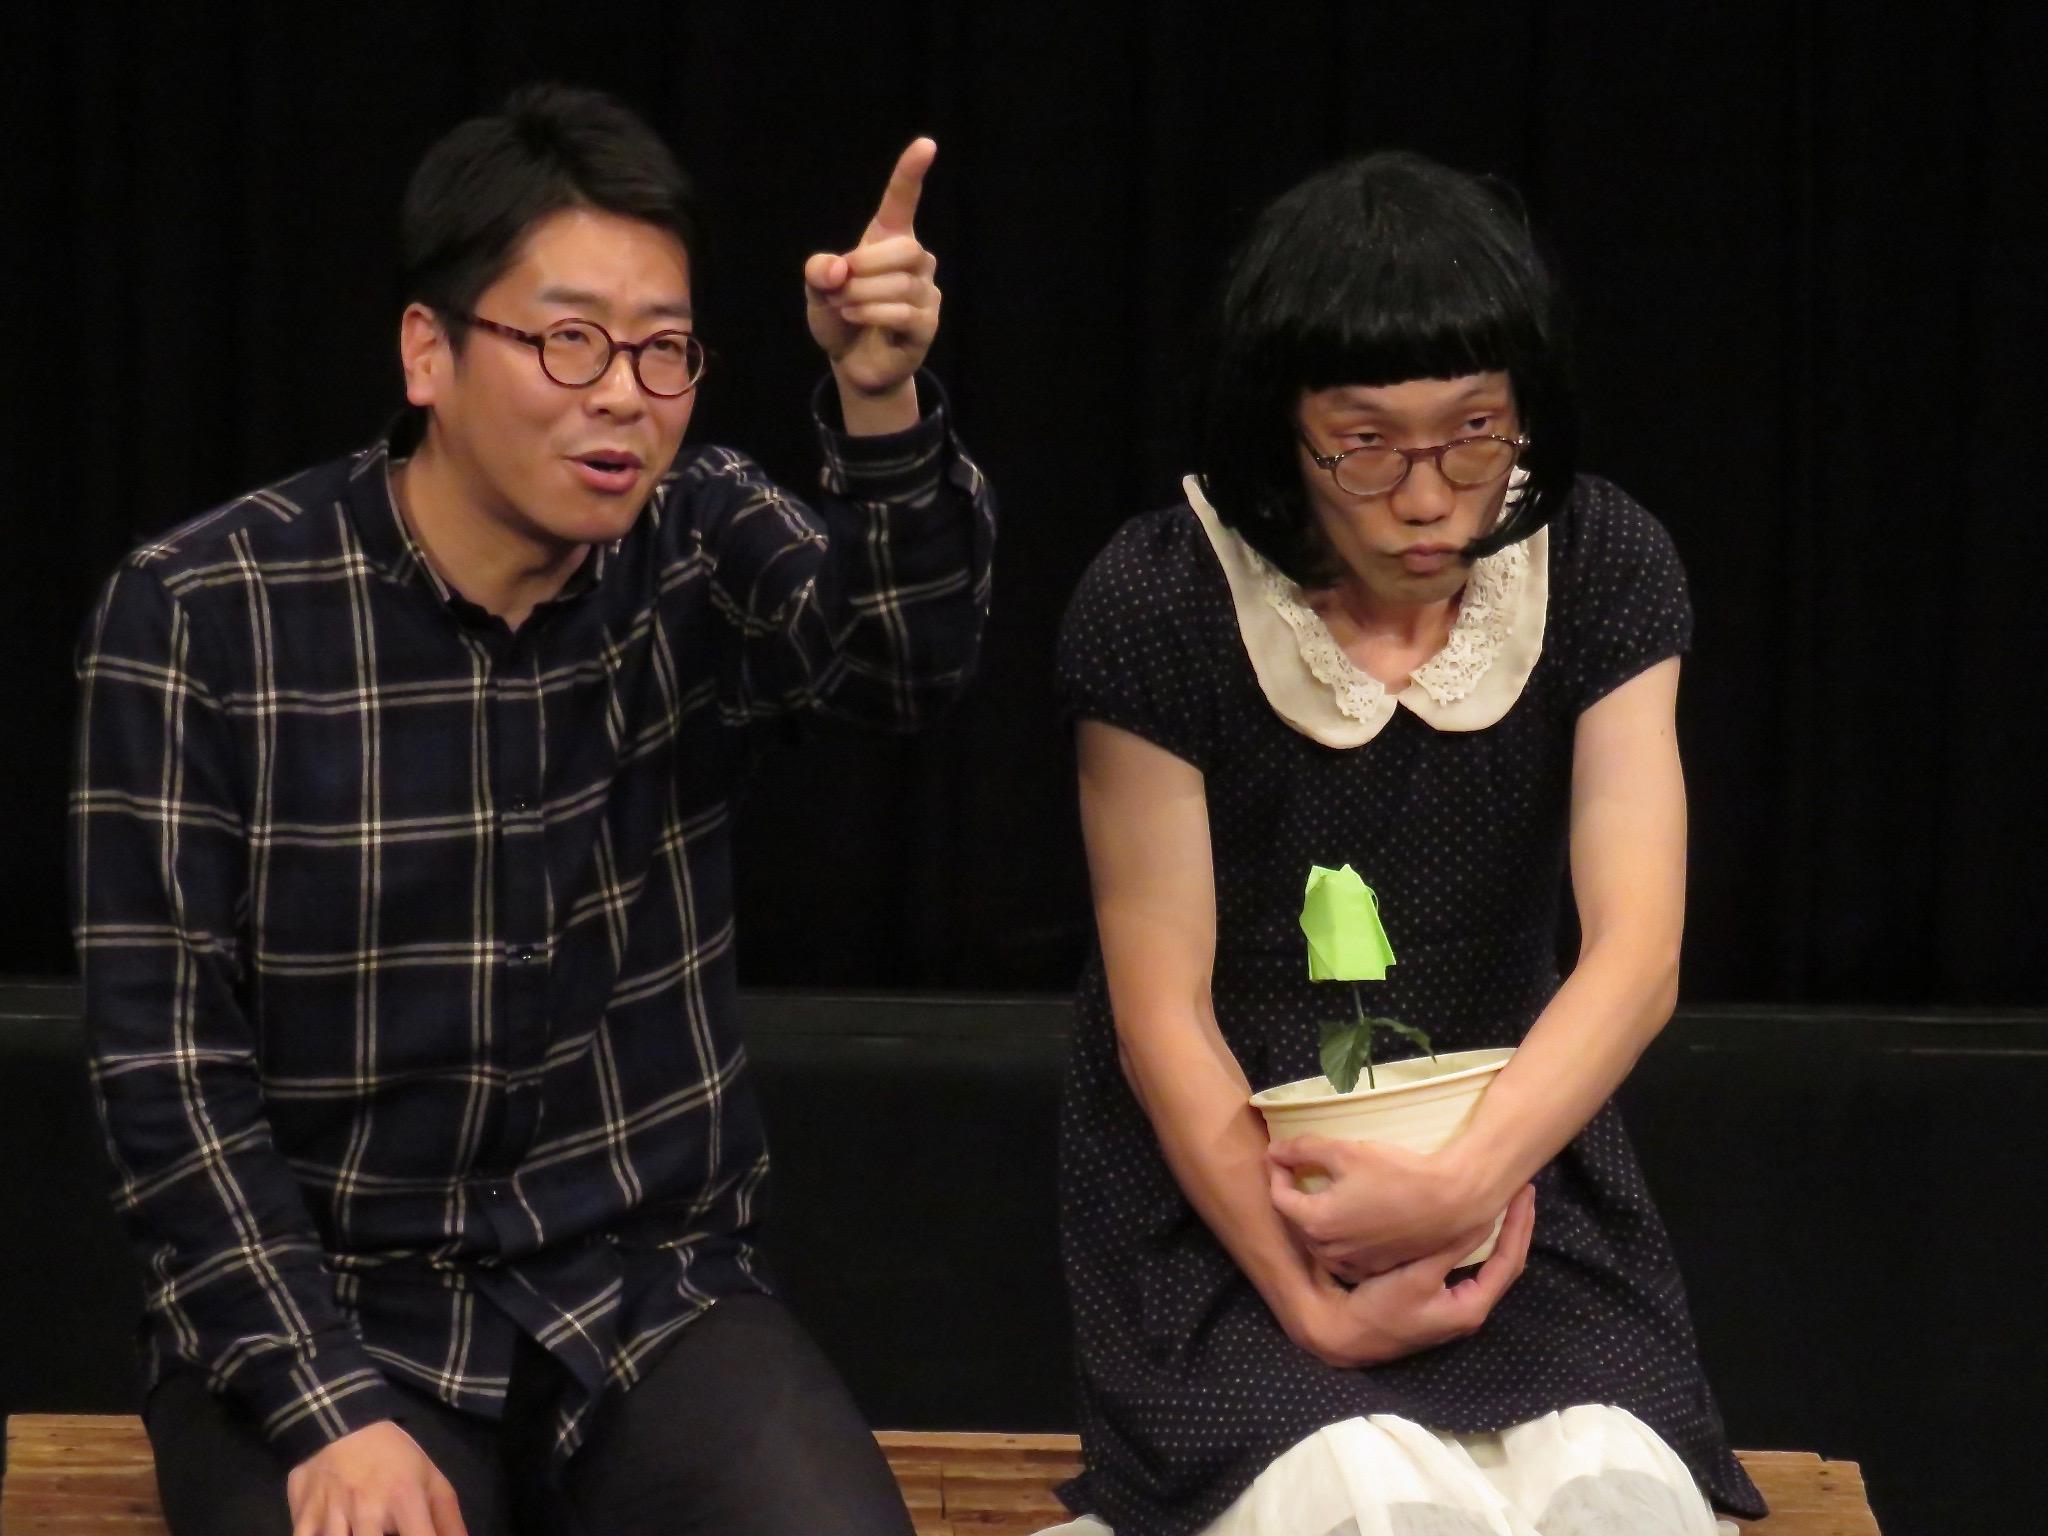 http://news.yoshimoto.co.jp/20181227123436-336d64962c18c9e009c9d0f6c87e38c03f293913.jpeg